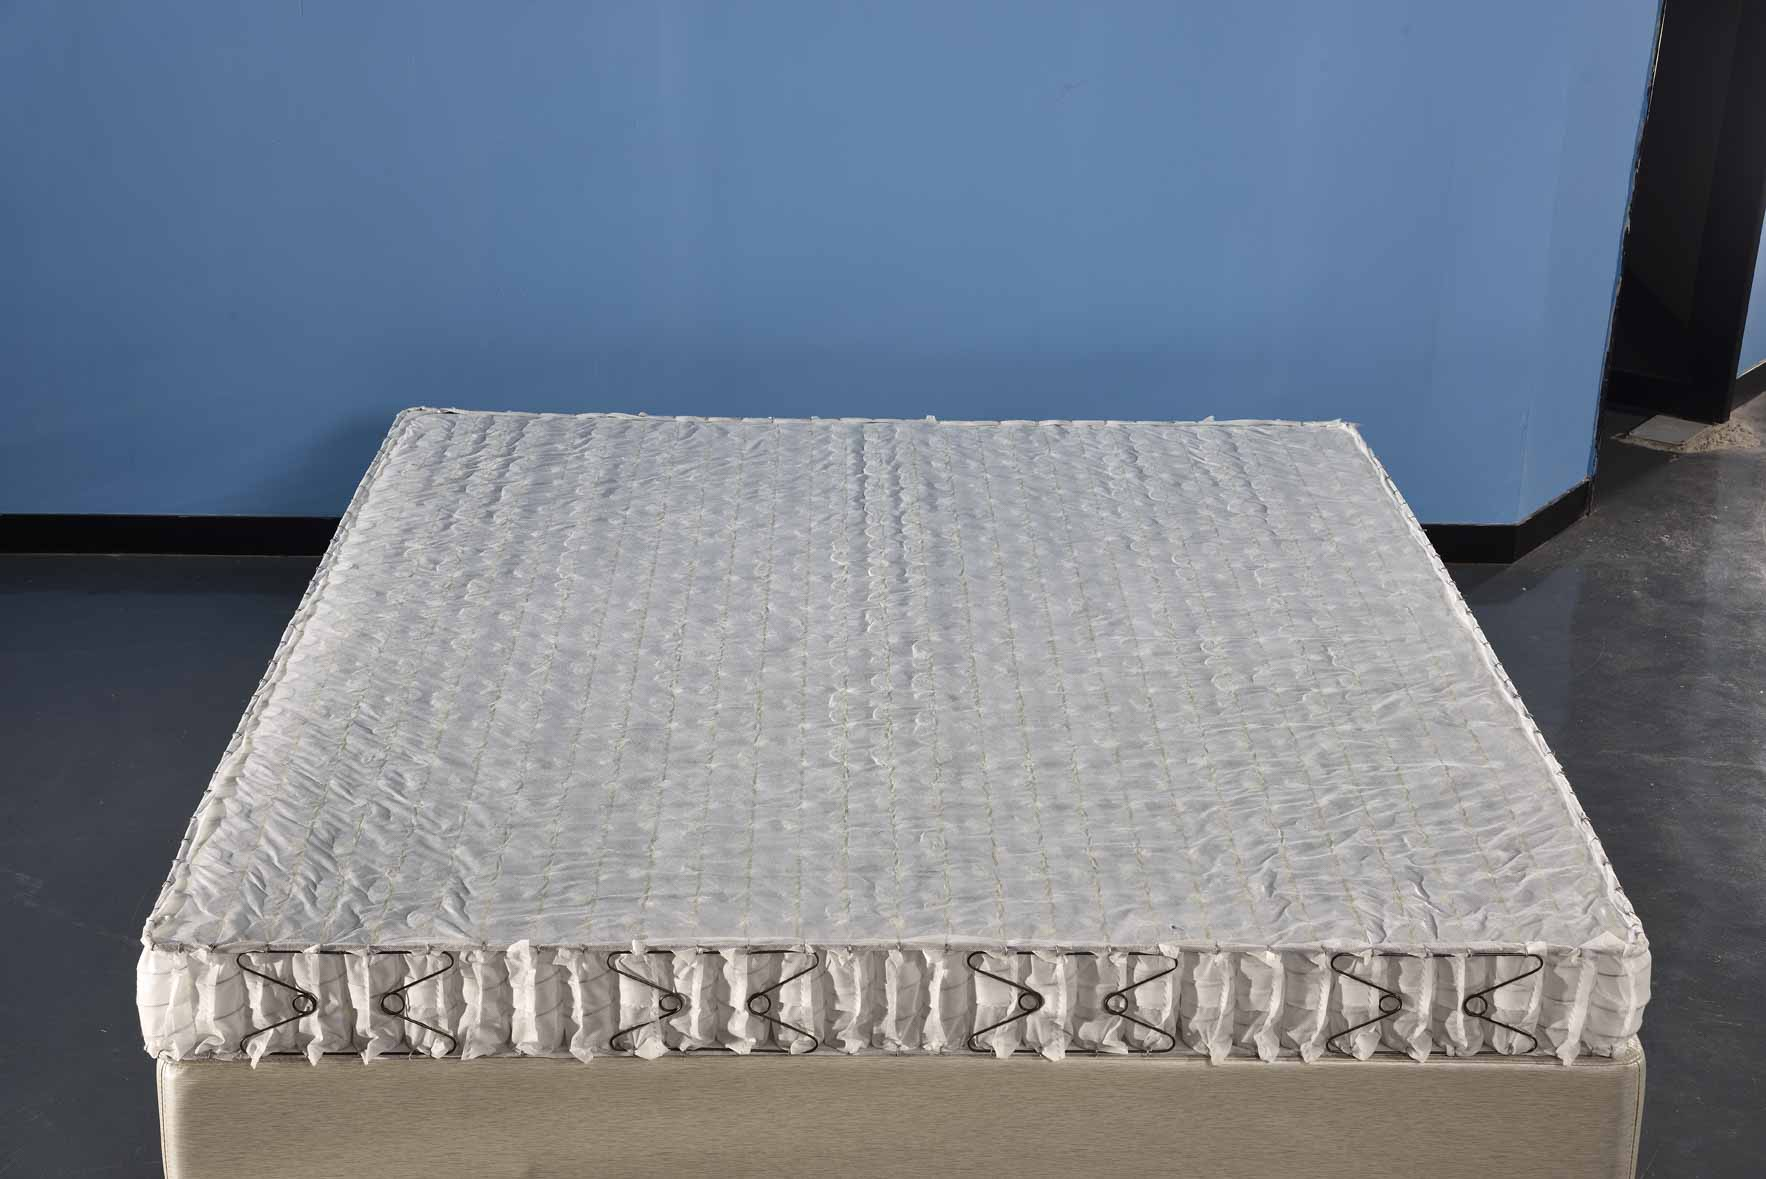 长沙通用星夕床垫多少钱 贴心服务 苏州星夜家居科技供应